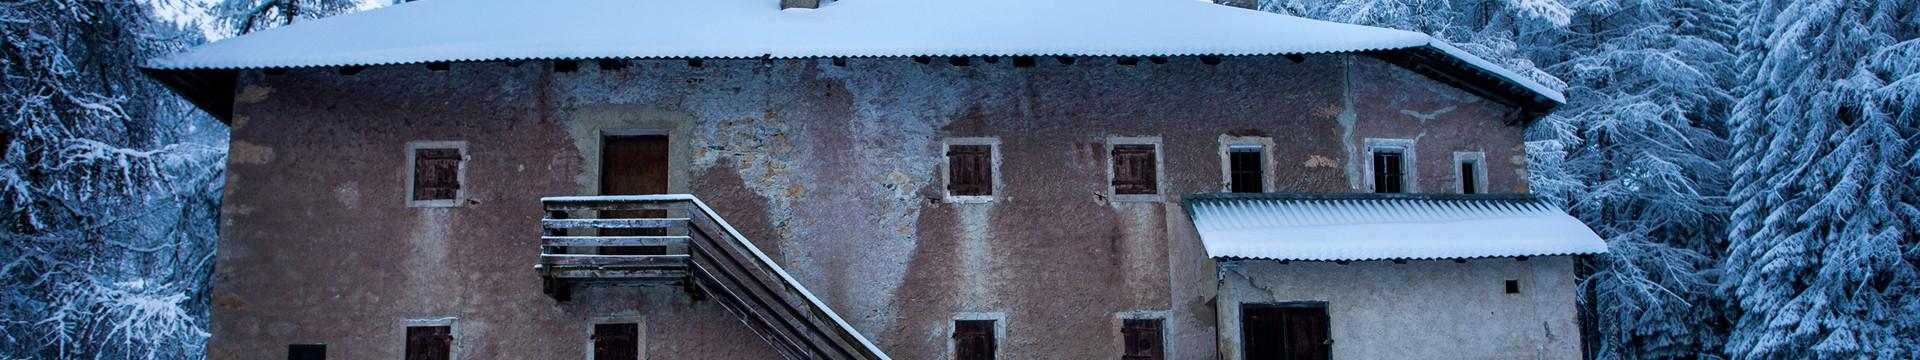 palais-de-la-mine-01-8978